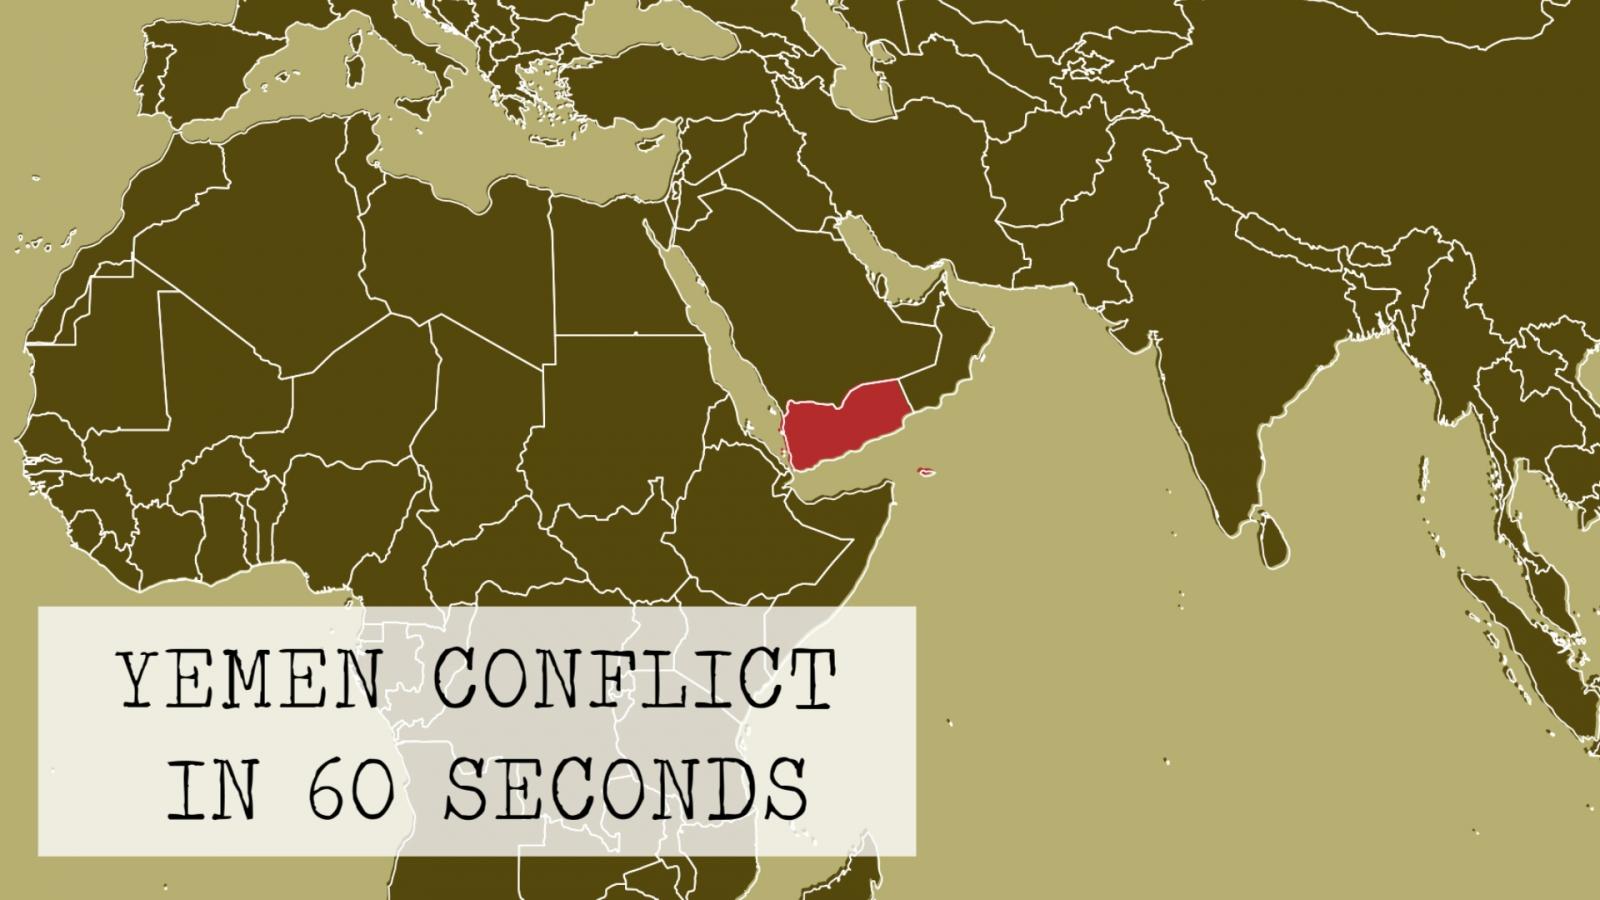 understanding-the-yemen-conflict-in-60-seconds